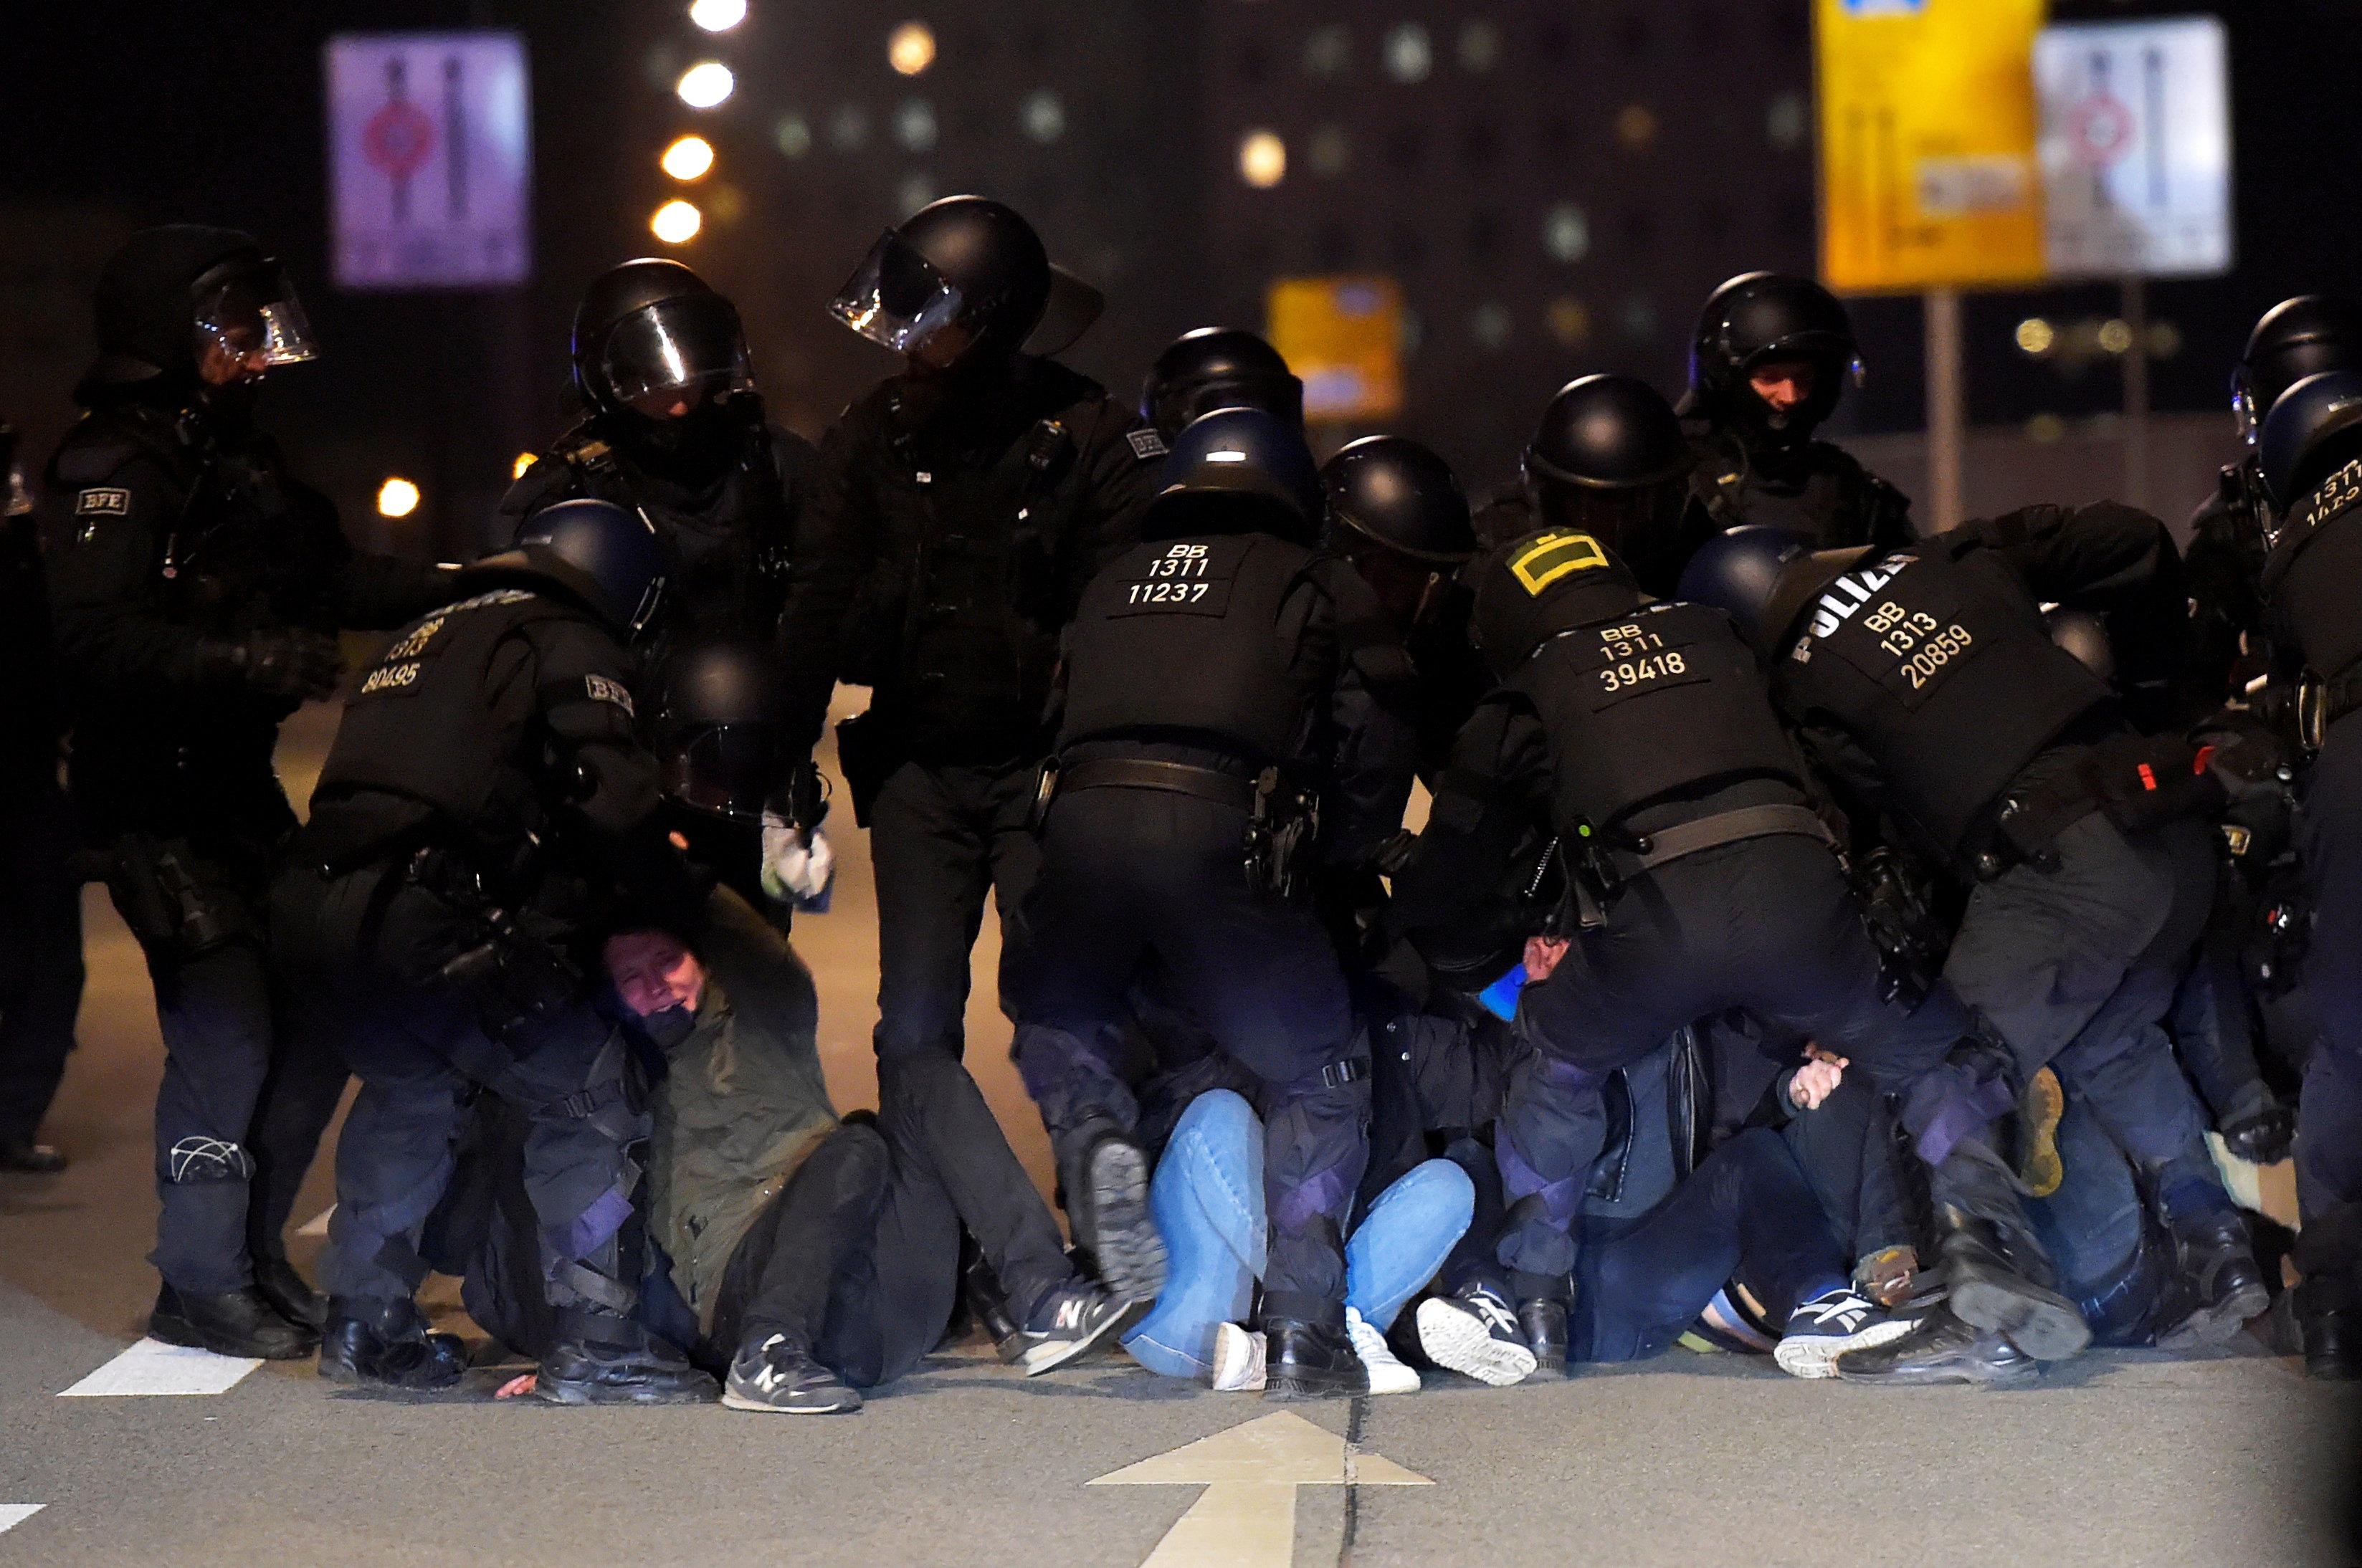 الشرطة الألمانية تعتقل المحتجين (2)